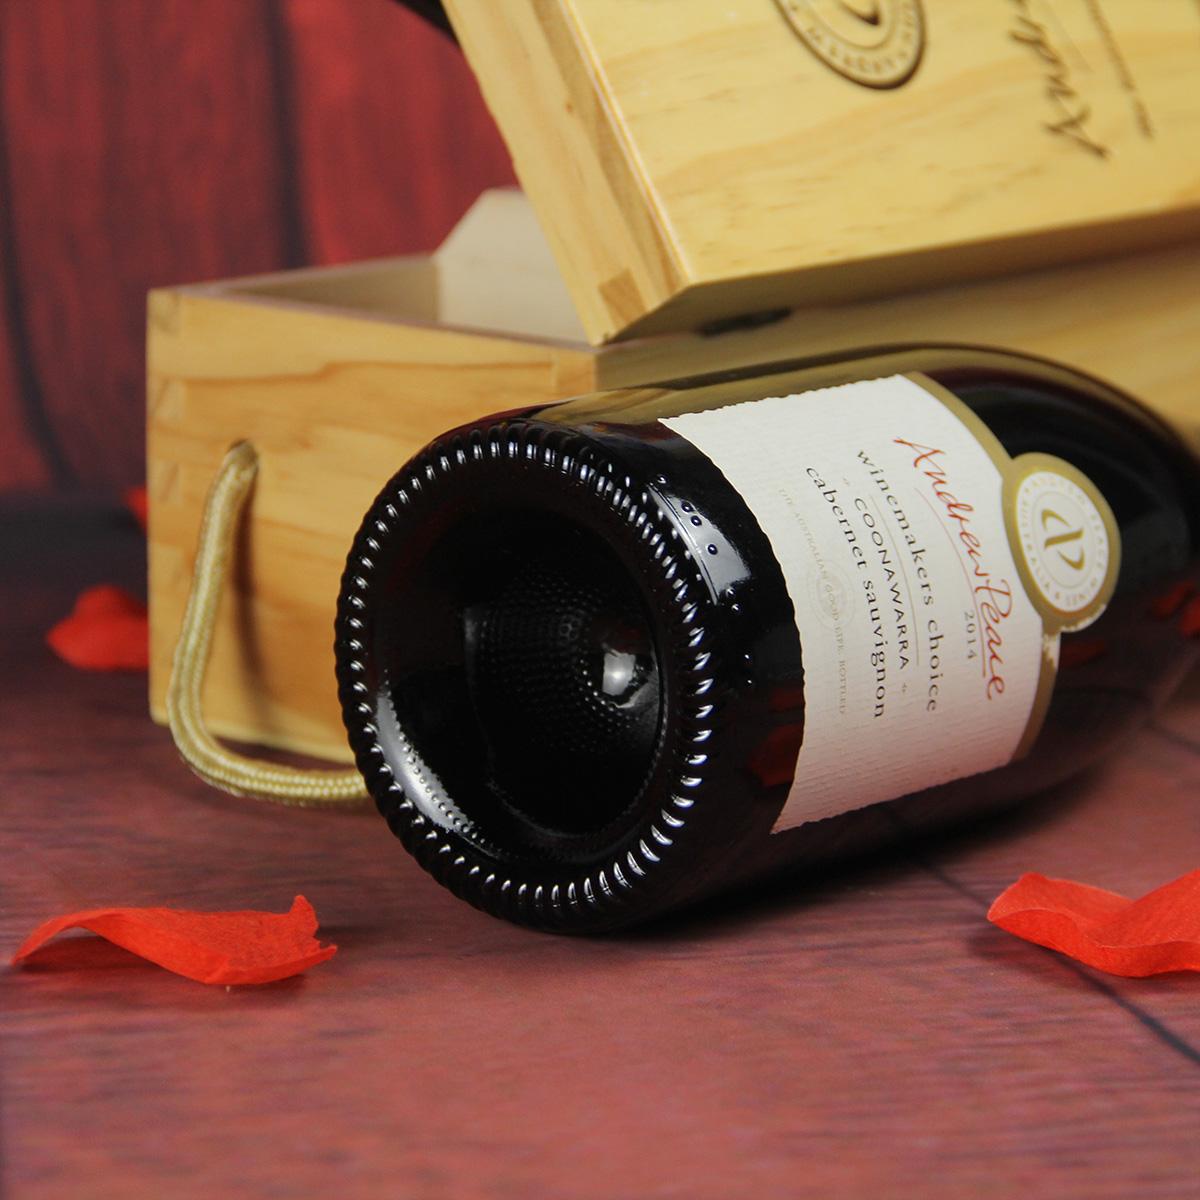 澳大利亚库纳瓦拉安德鲁皮士酒庄酿酒师的选择赤霞珠干红葡萄酒